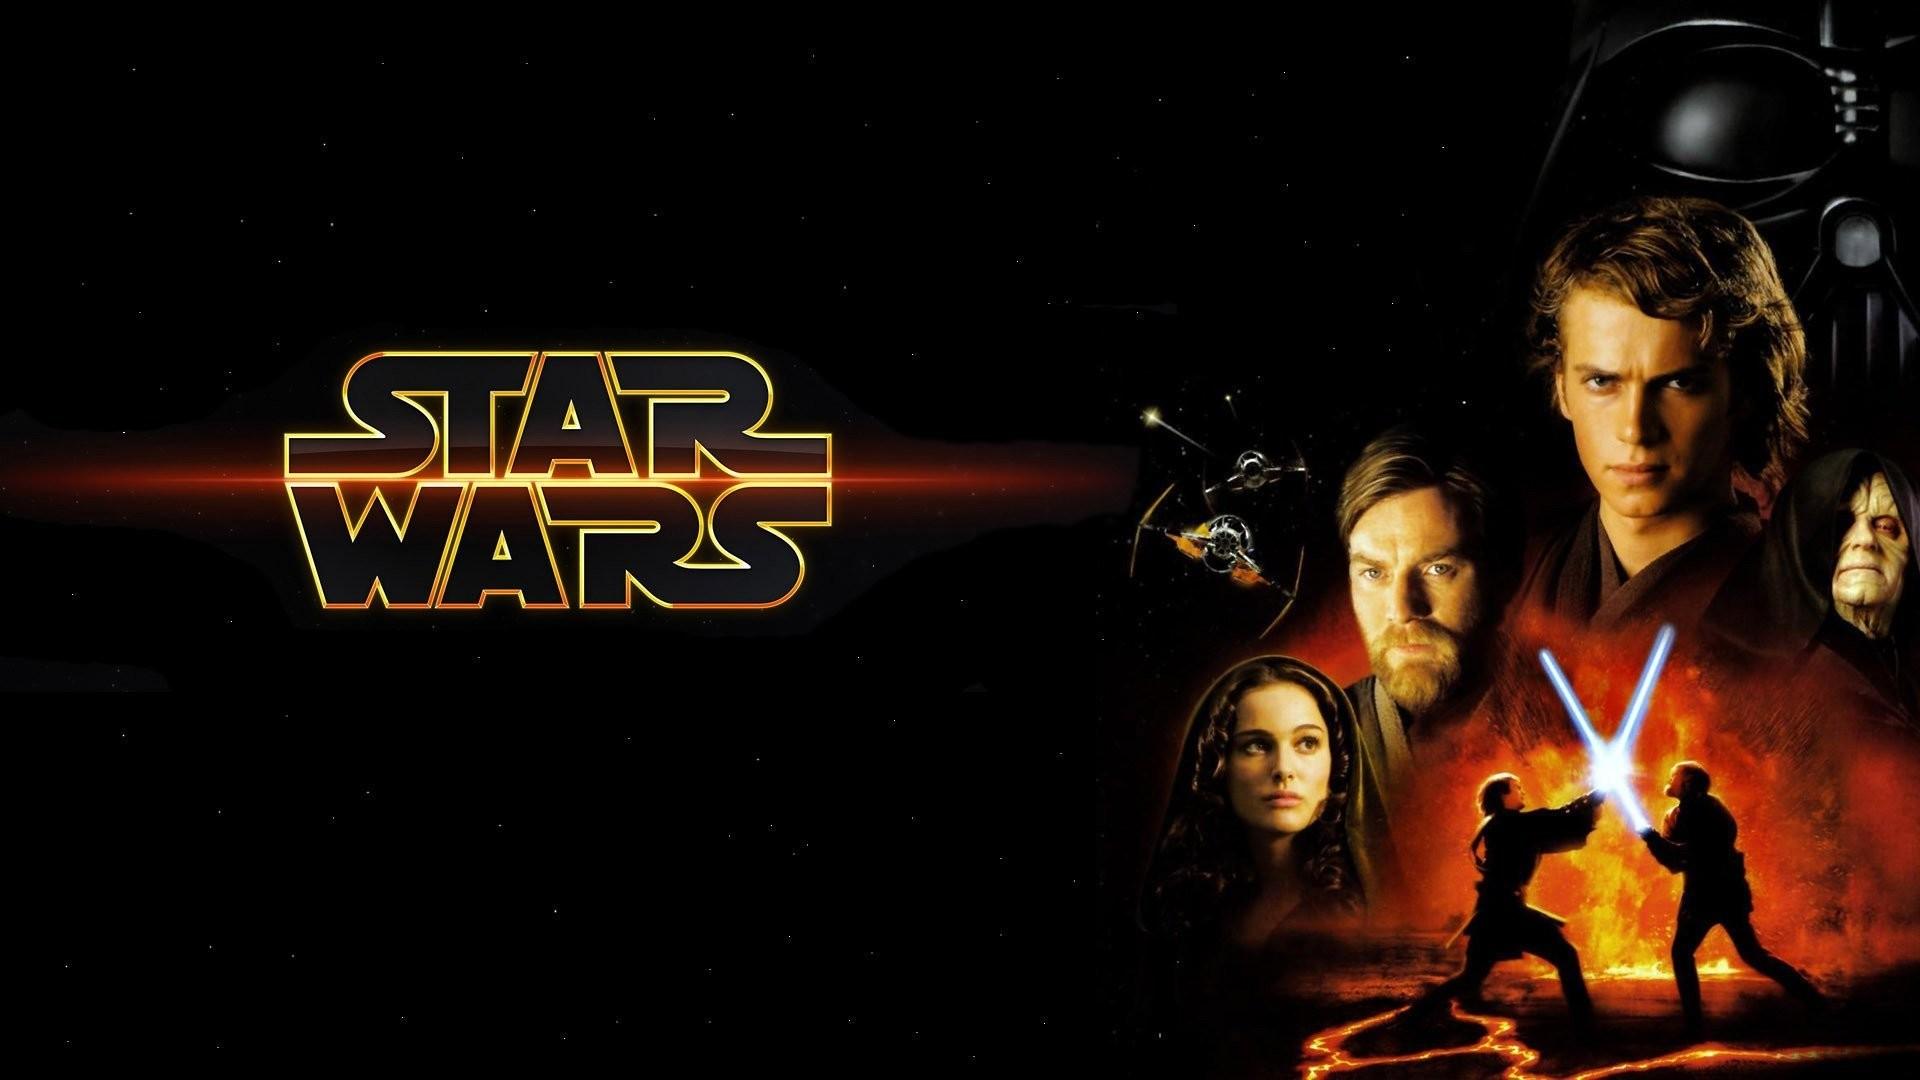 Obi Wan Vs Anakin Wallpaper 70 Images